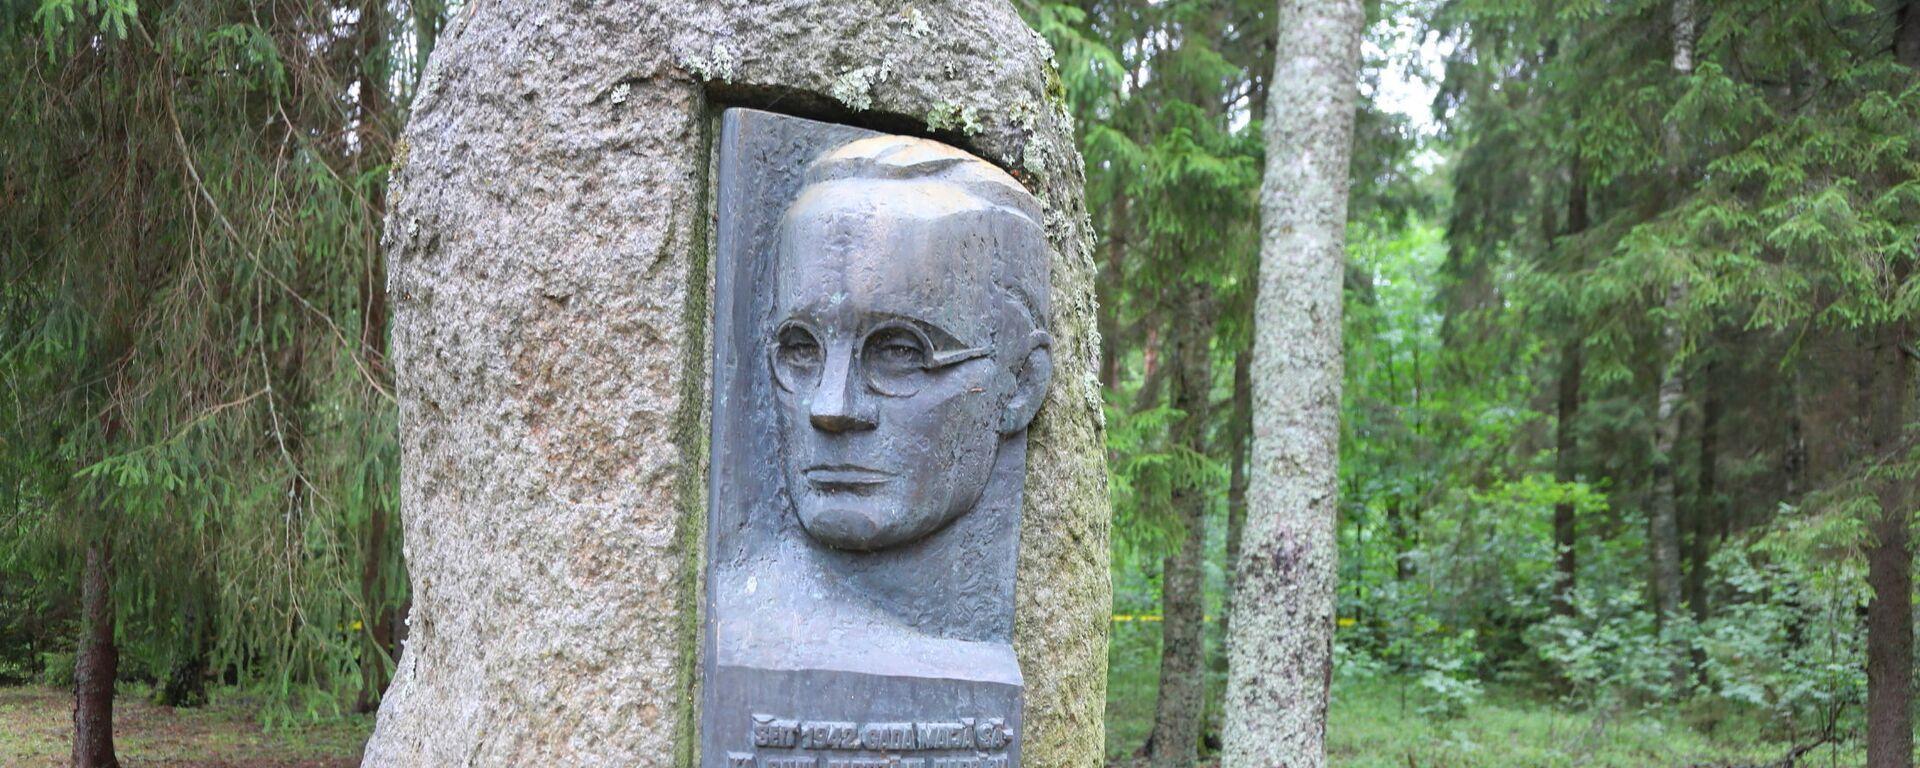 Памятник латышскому партизану Иманту Судмалису - Sputnik Латвия, 1920, 11.07.2020